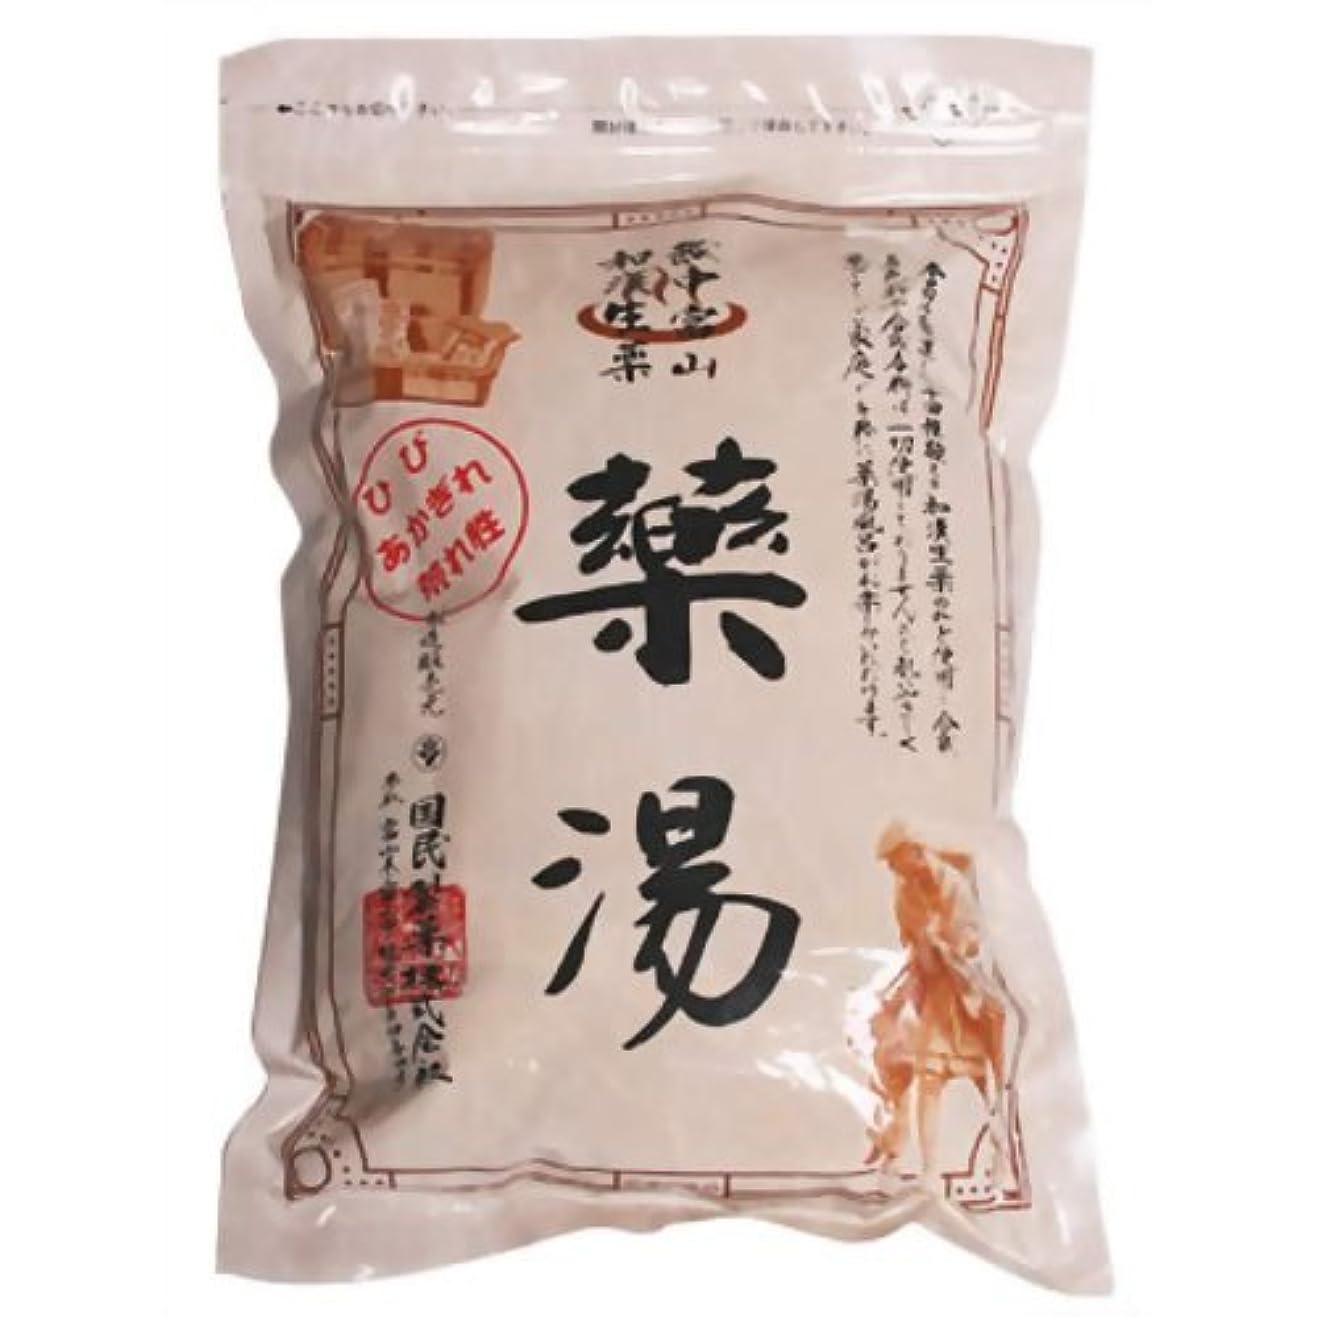 合唱団贅沢臭い薬湯 寿湯 40g*10包(入浴剤)